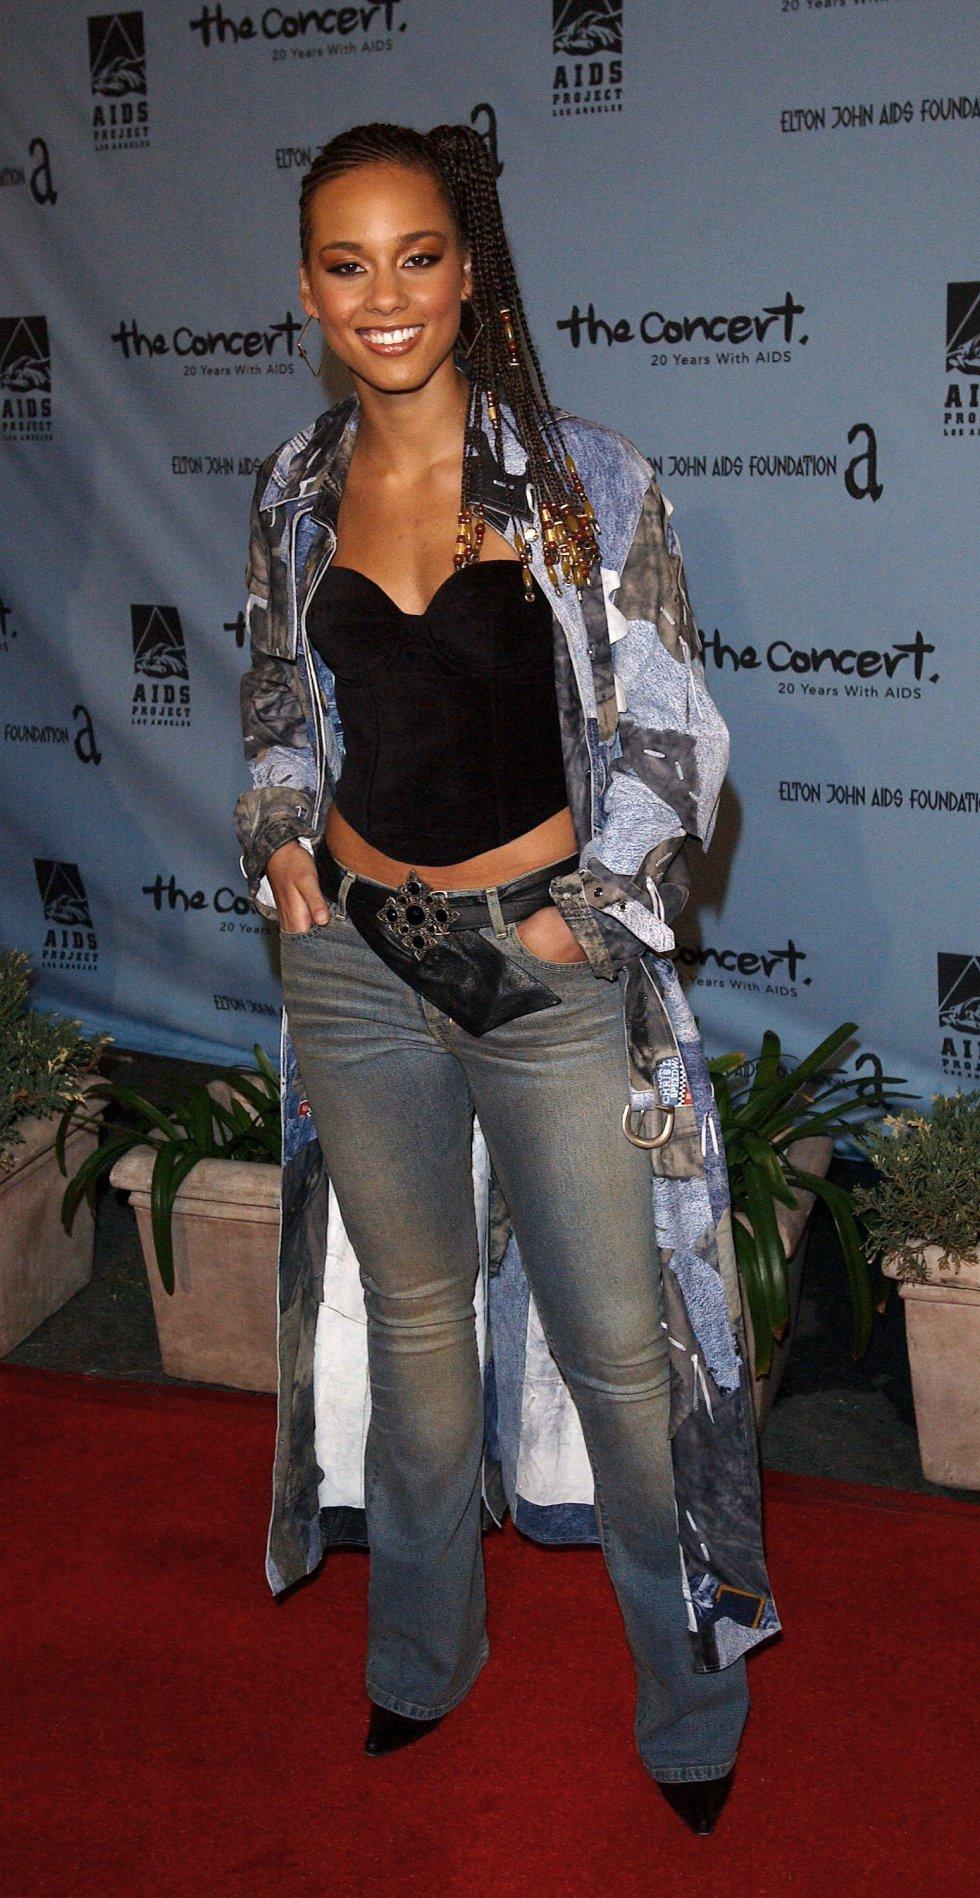 Es cantante, actriz y compositora estadounidense de R&B y soul